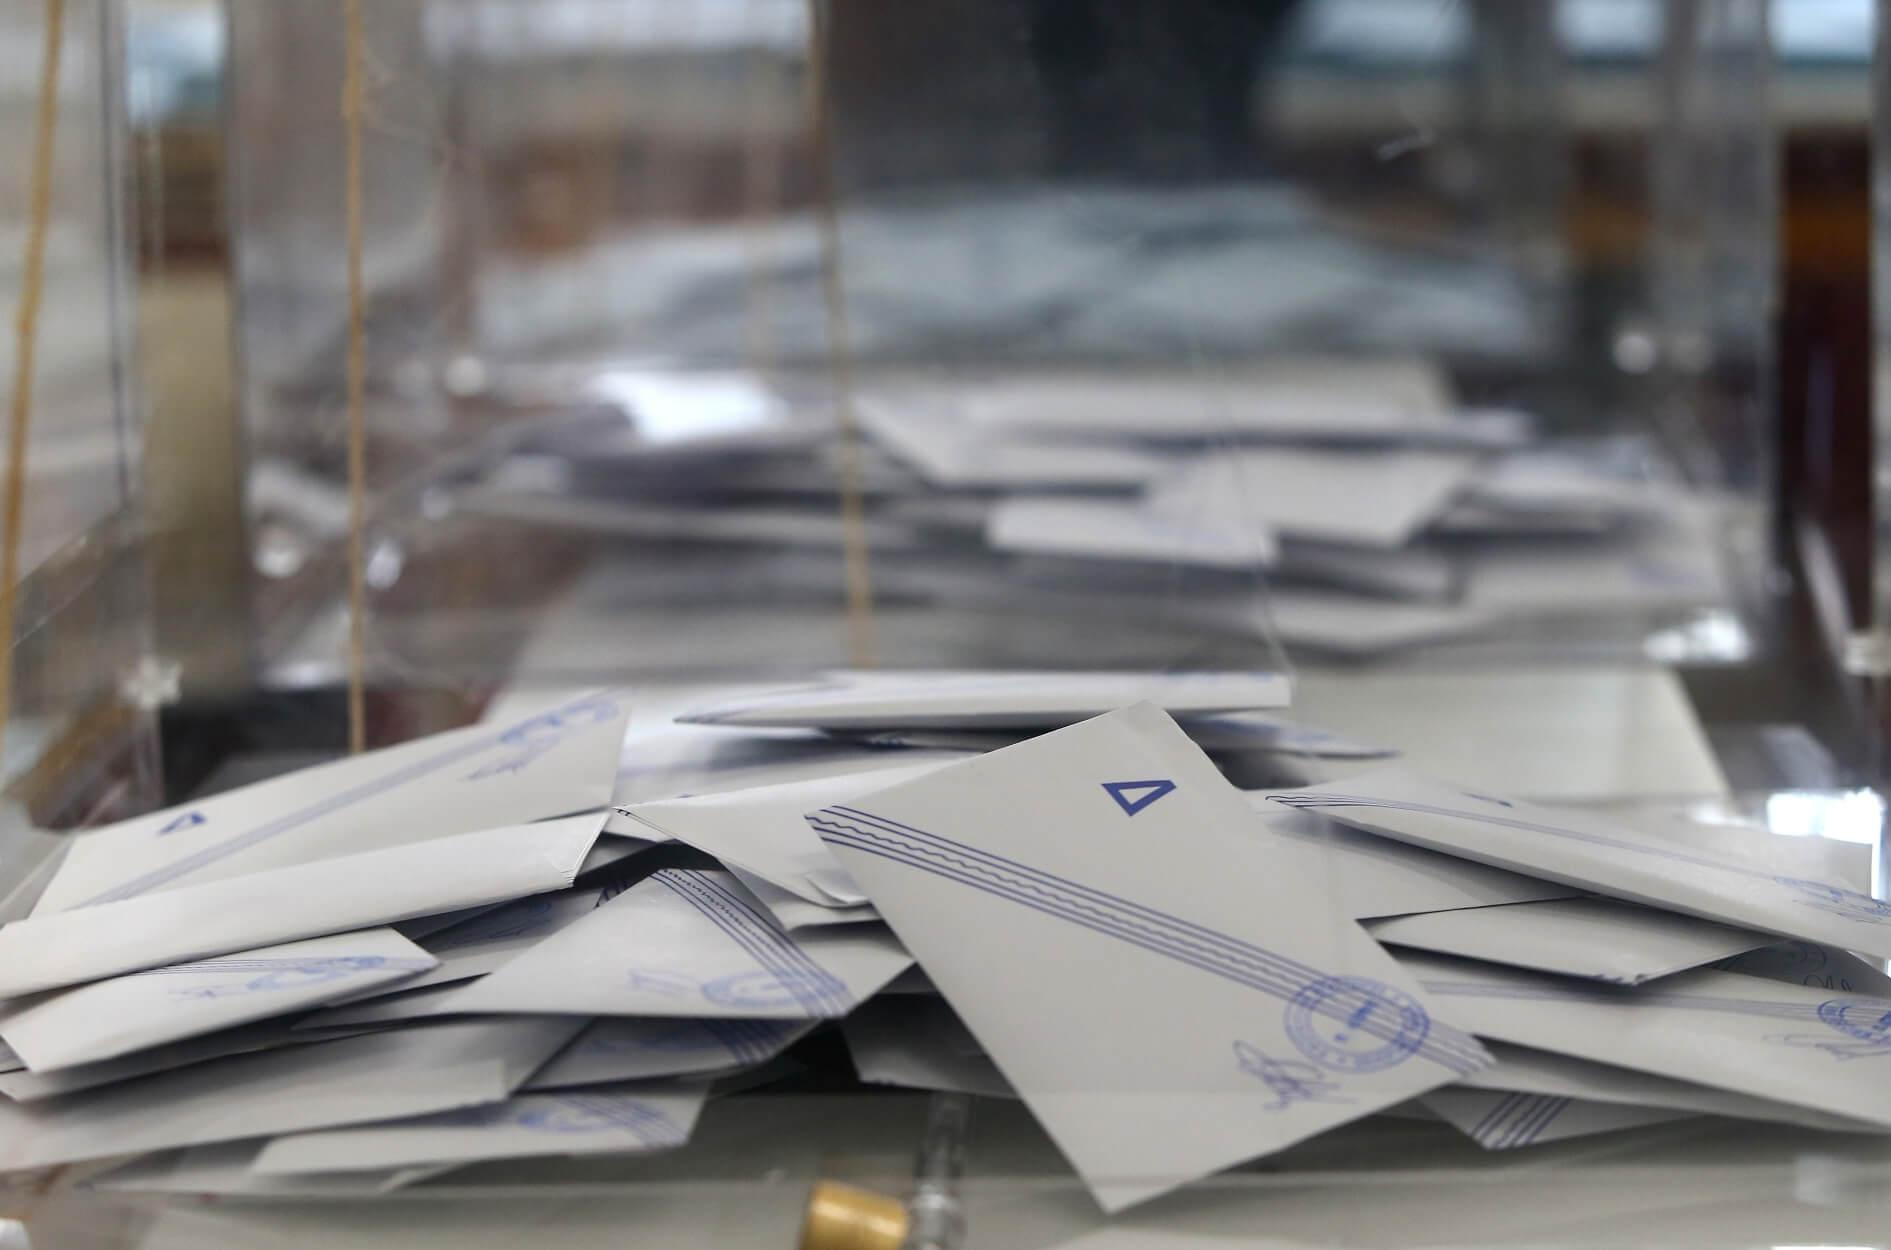 Δήμος Δυτικής Αχαΐας – Αποτελέσματα εκλογών: Ποιος βγαίνει δήμαρχος Δυτικής Αχαΐας